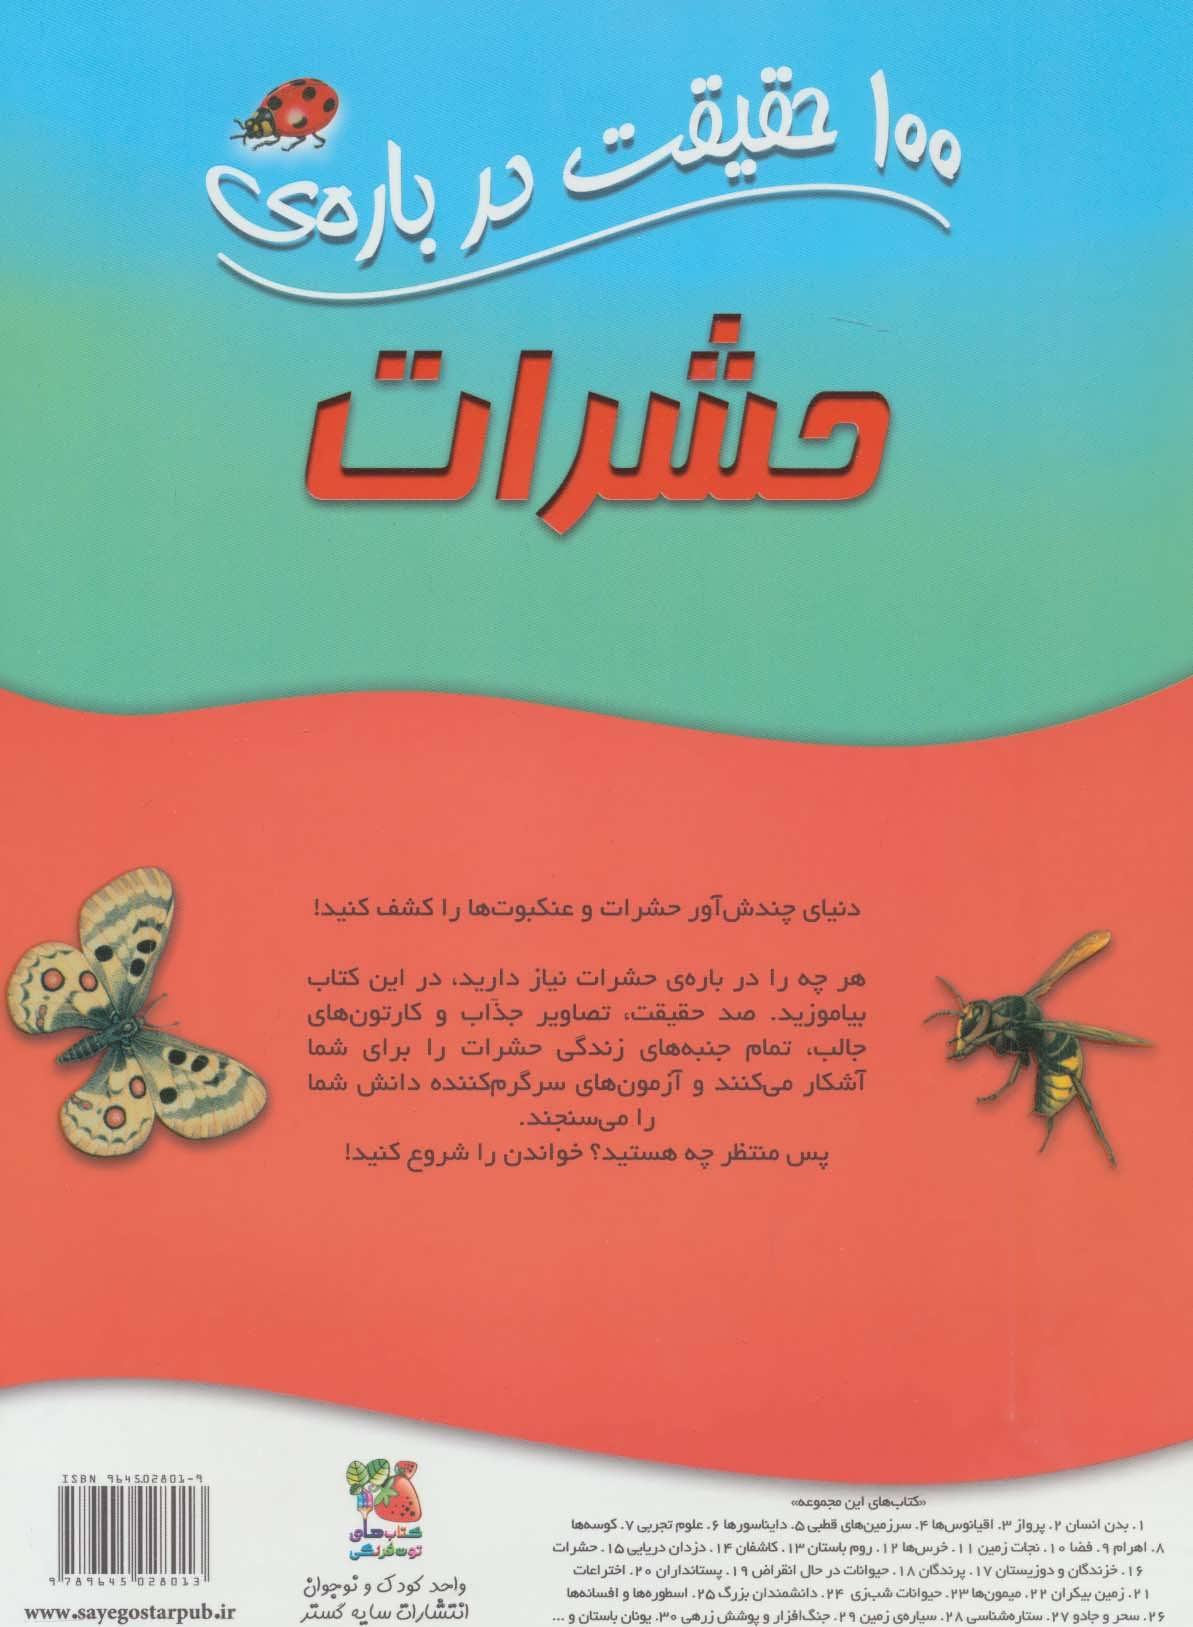 100 حقیقت15 (درباره ی حشرات)